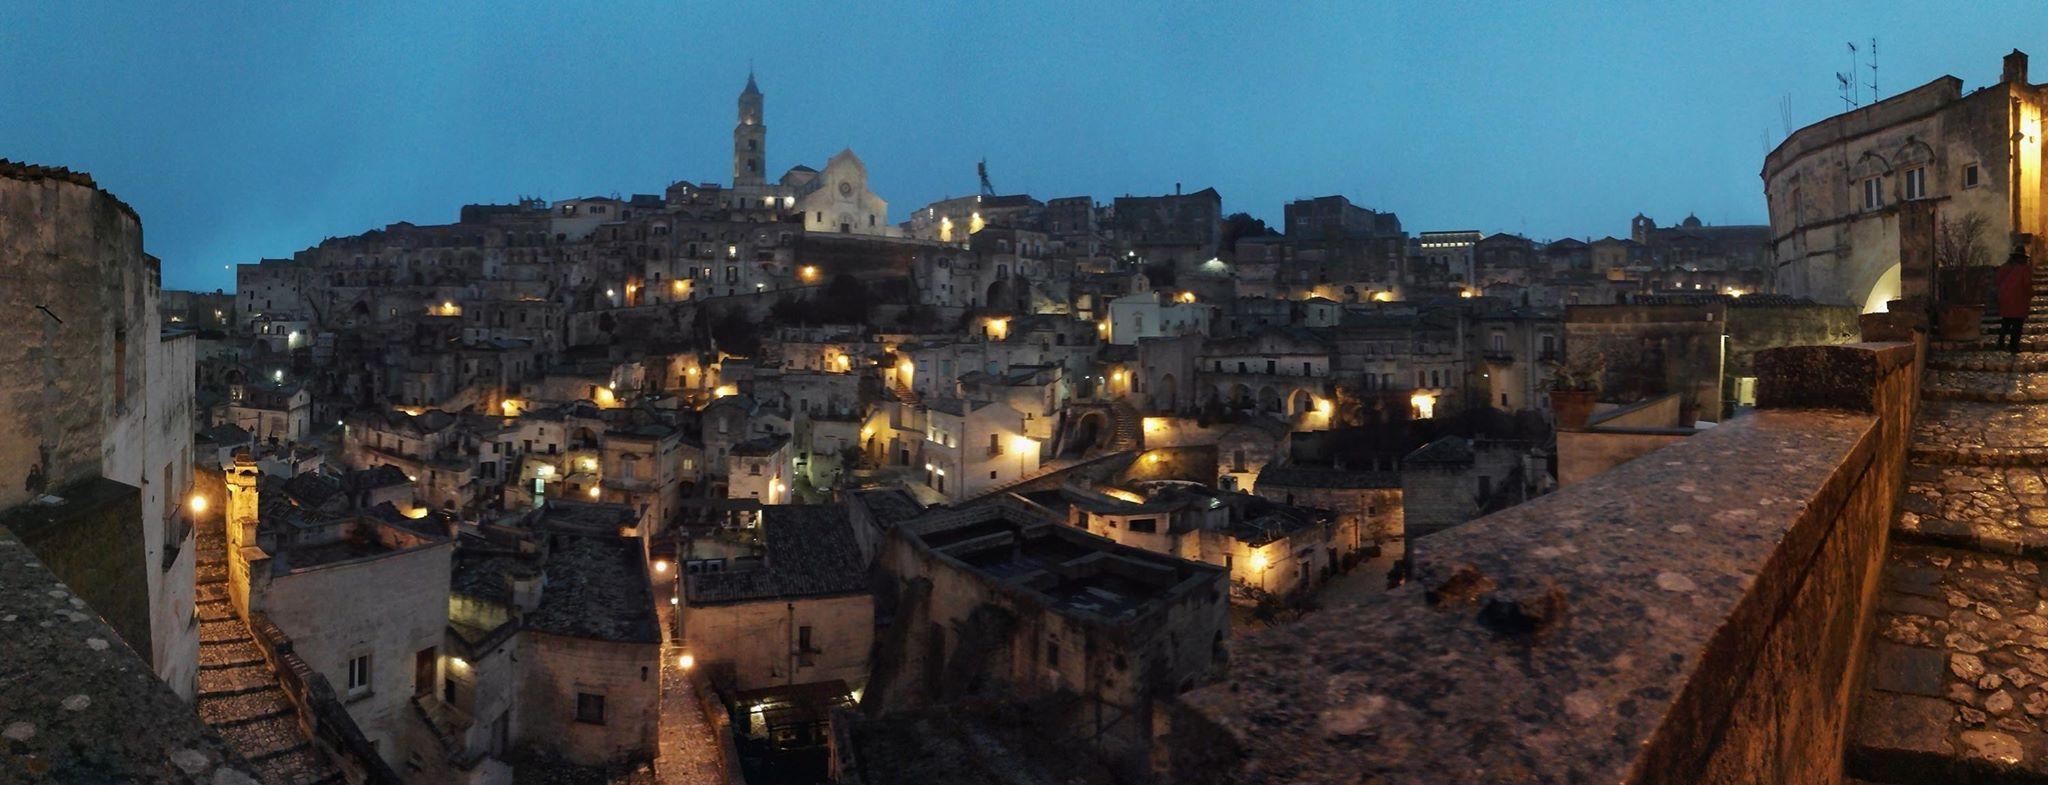 Foto panoramica di Matera